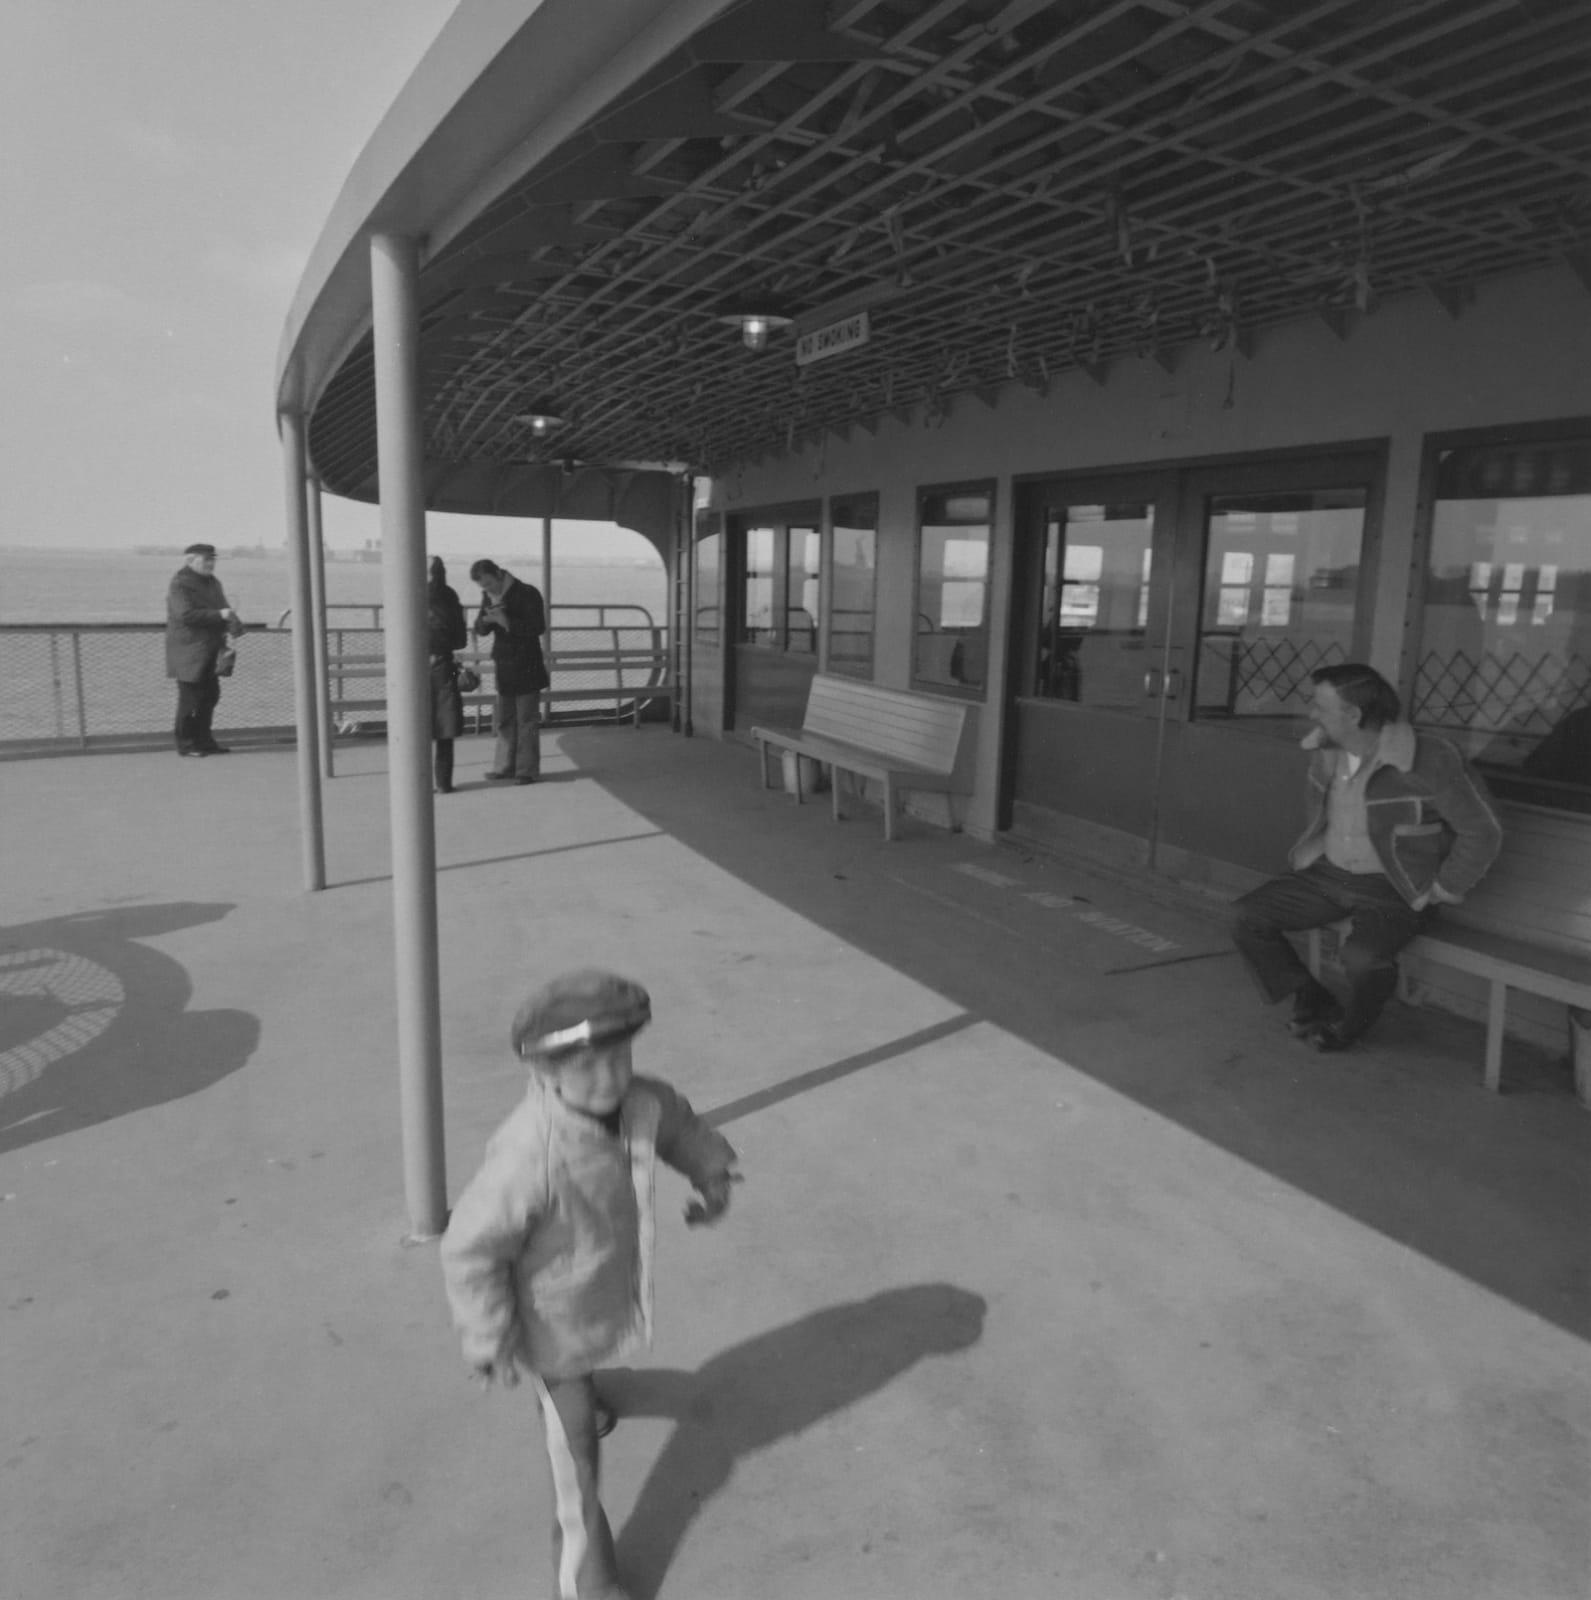 Steven Rifkin Untitled, Staten Island Ferry Tirage gélatino-argentique 17,8 x 17,8 cm Dim. papier: 20,3 x 25 cm